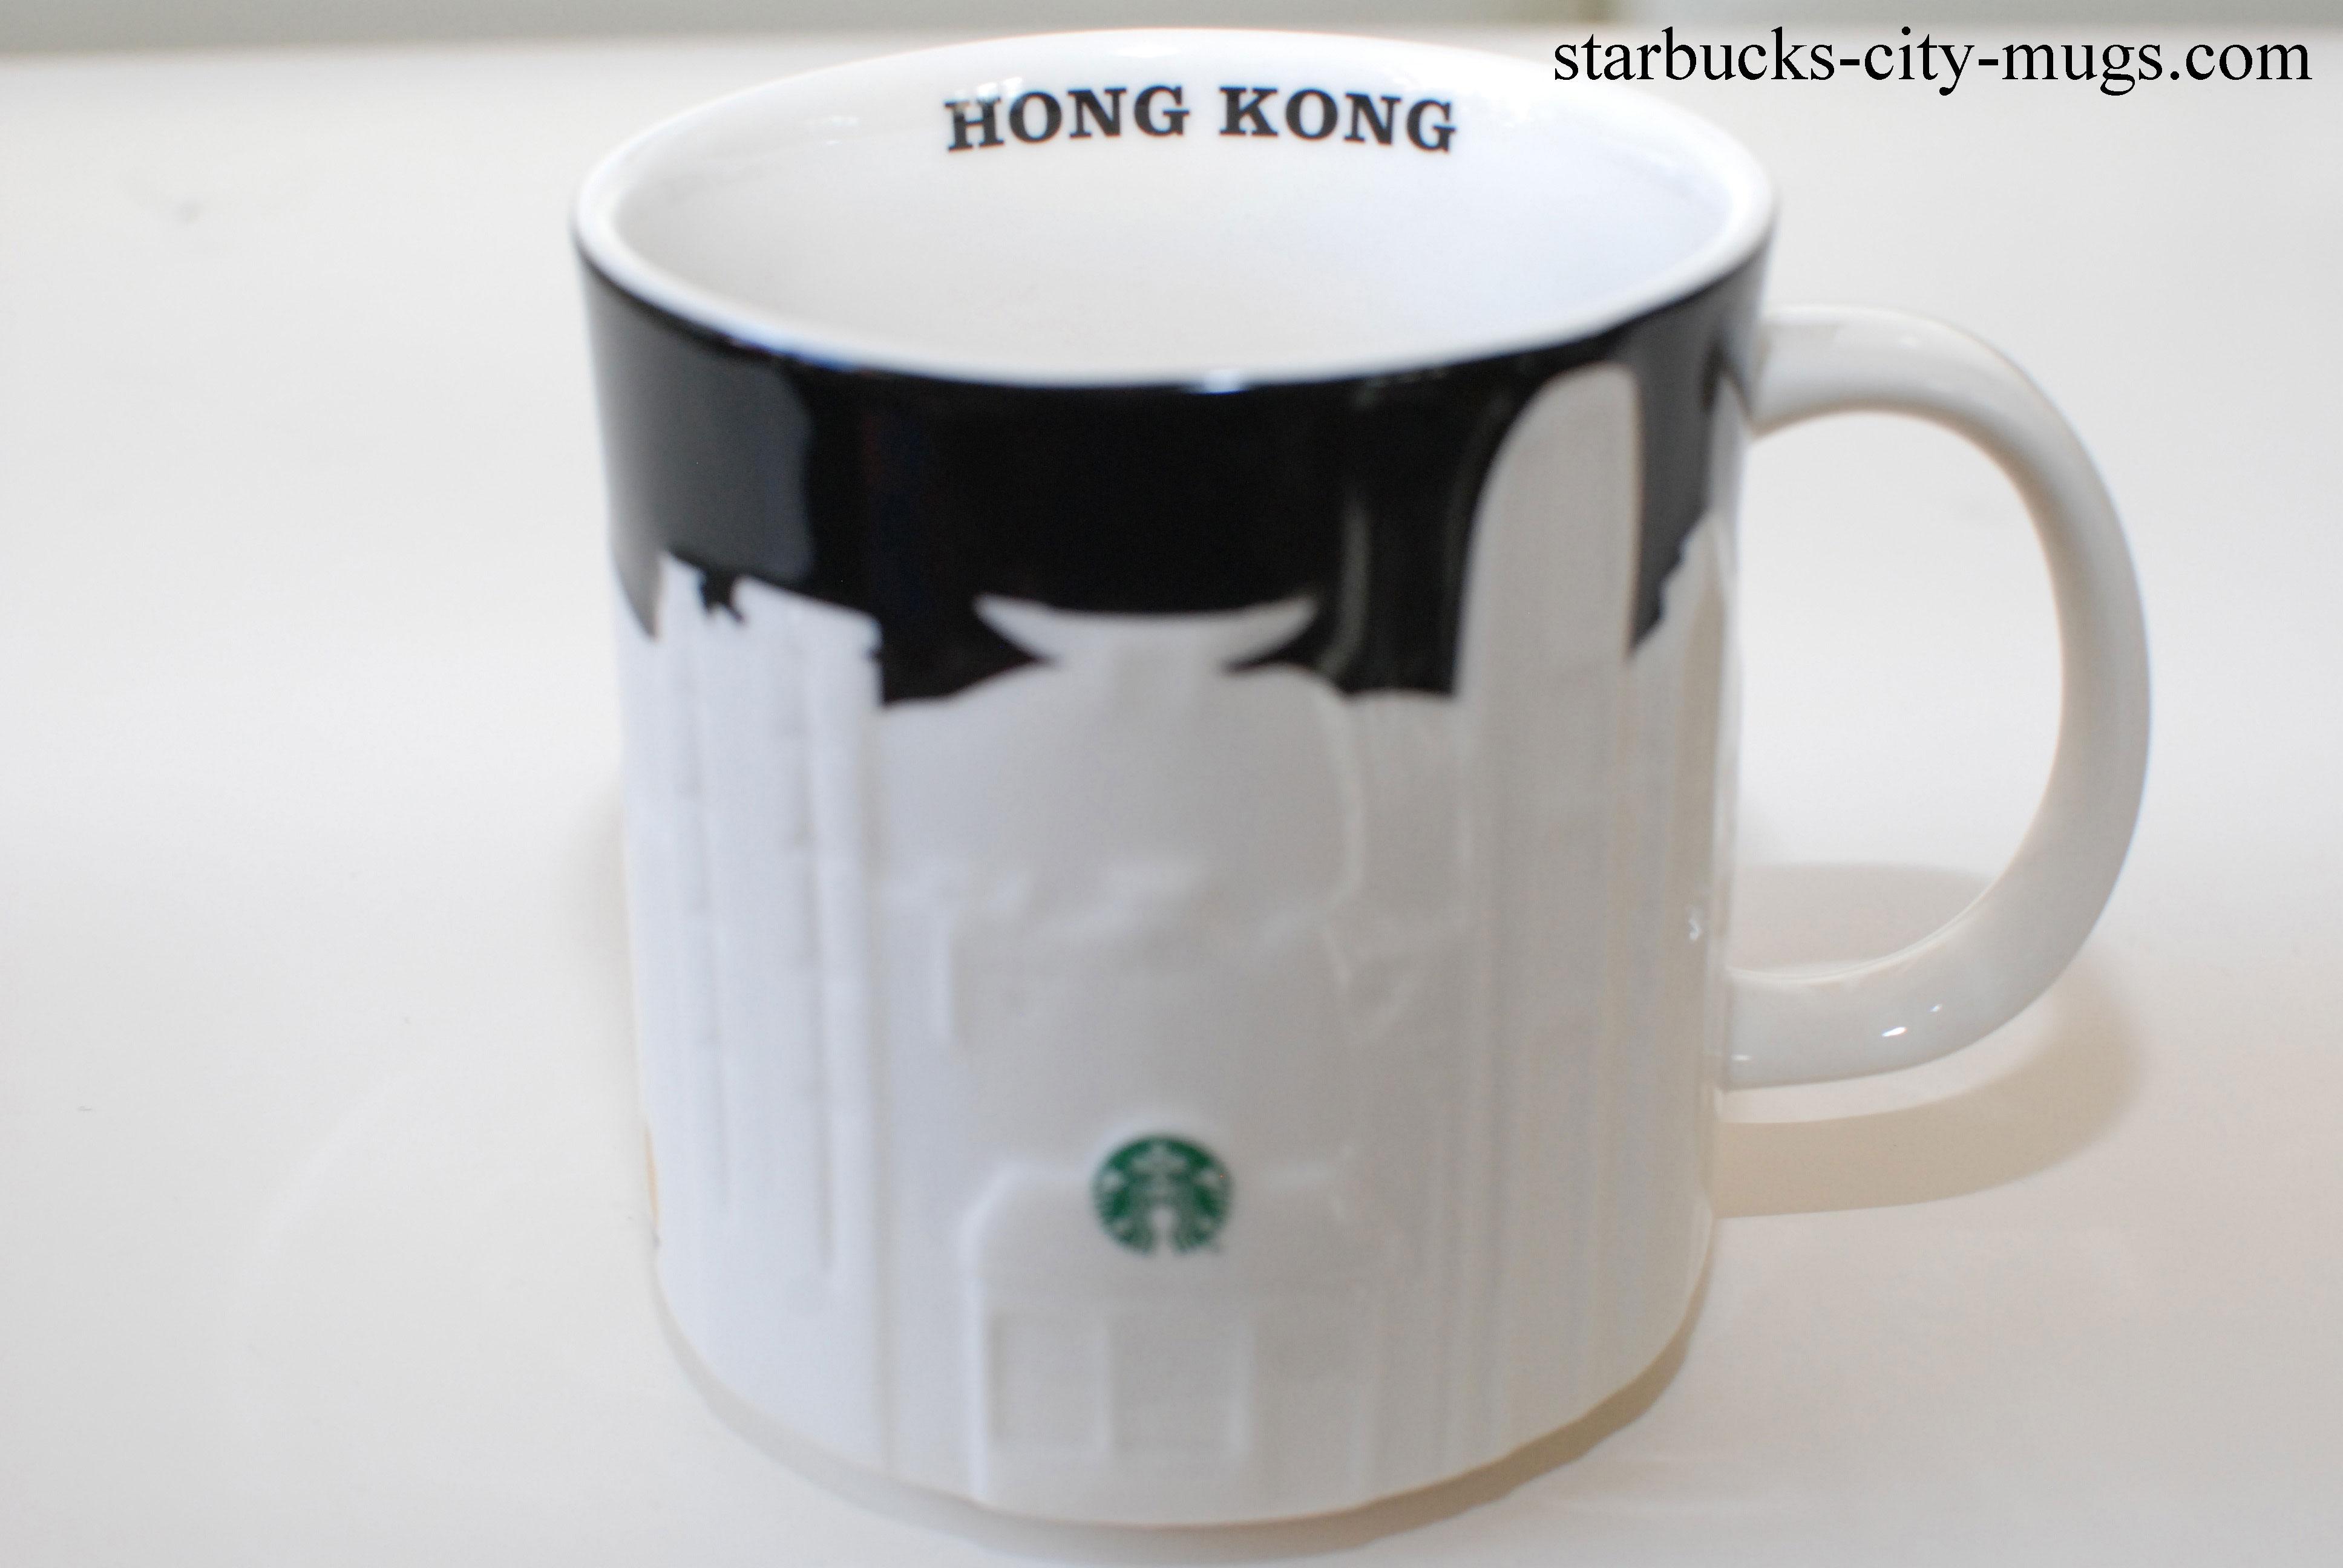 Relief Mugs Starbucks City Mugs